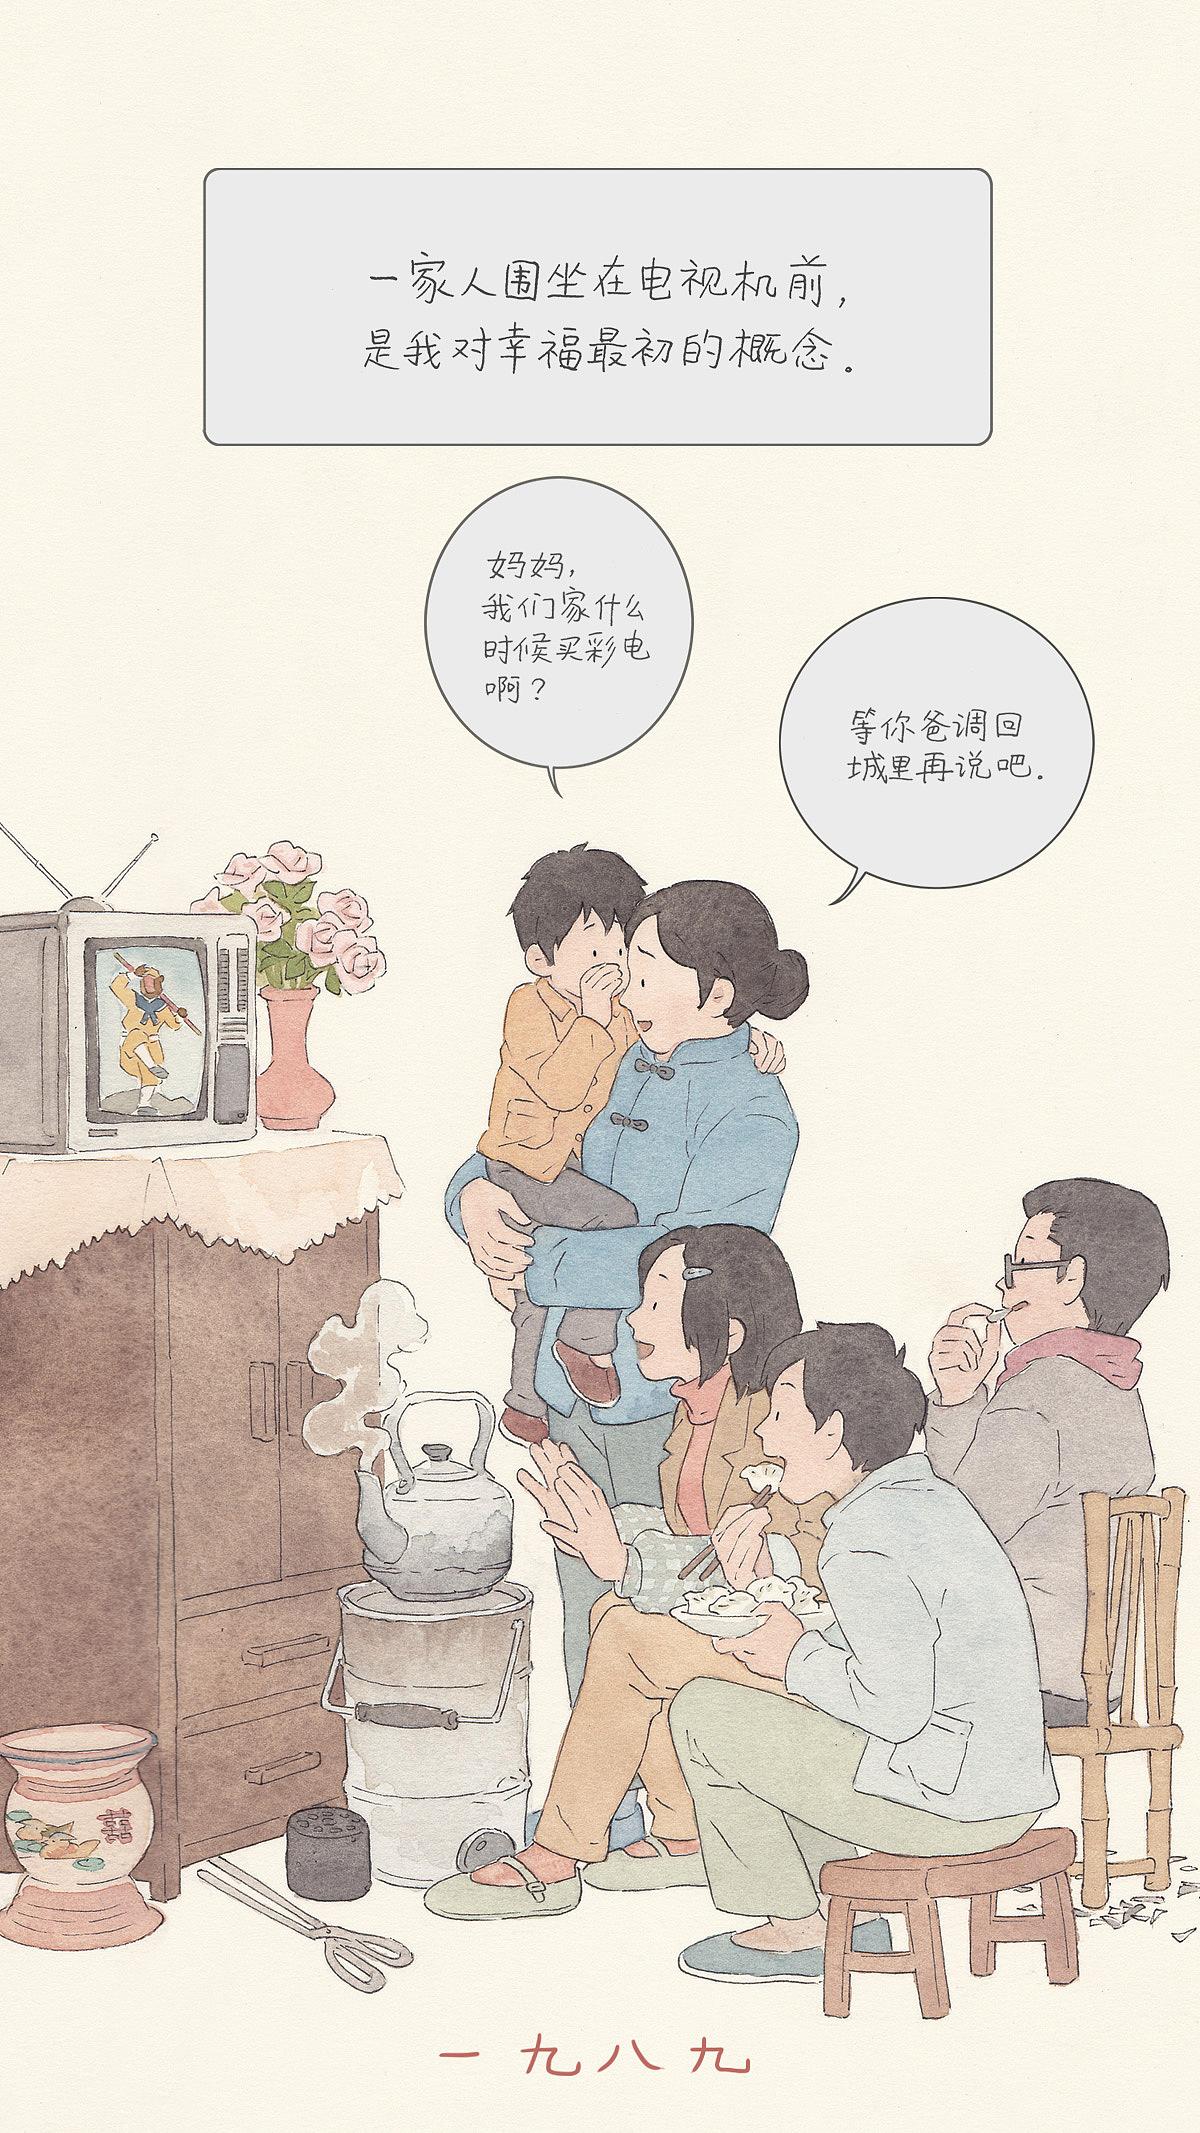 漫画日常之七 动漫 单幅人间 李彬BinLee-原创哪些追追漫画有图片